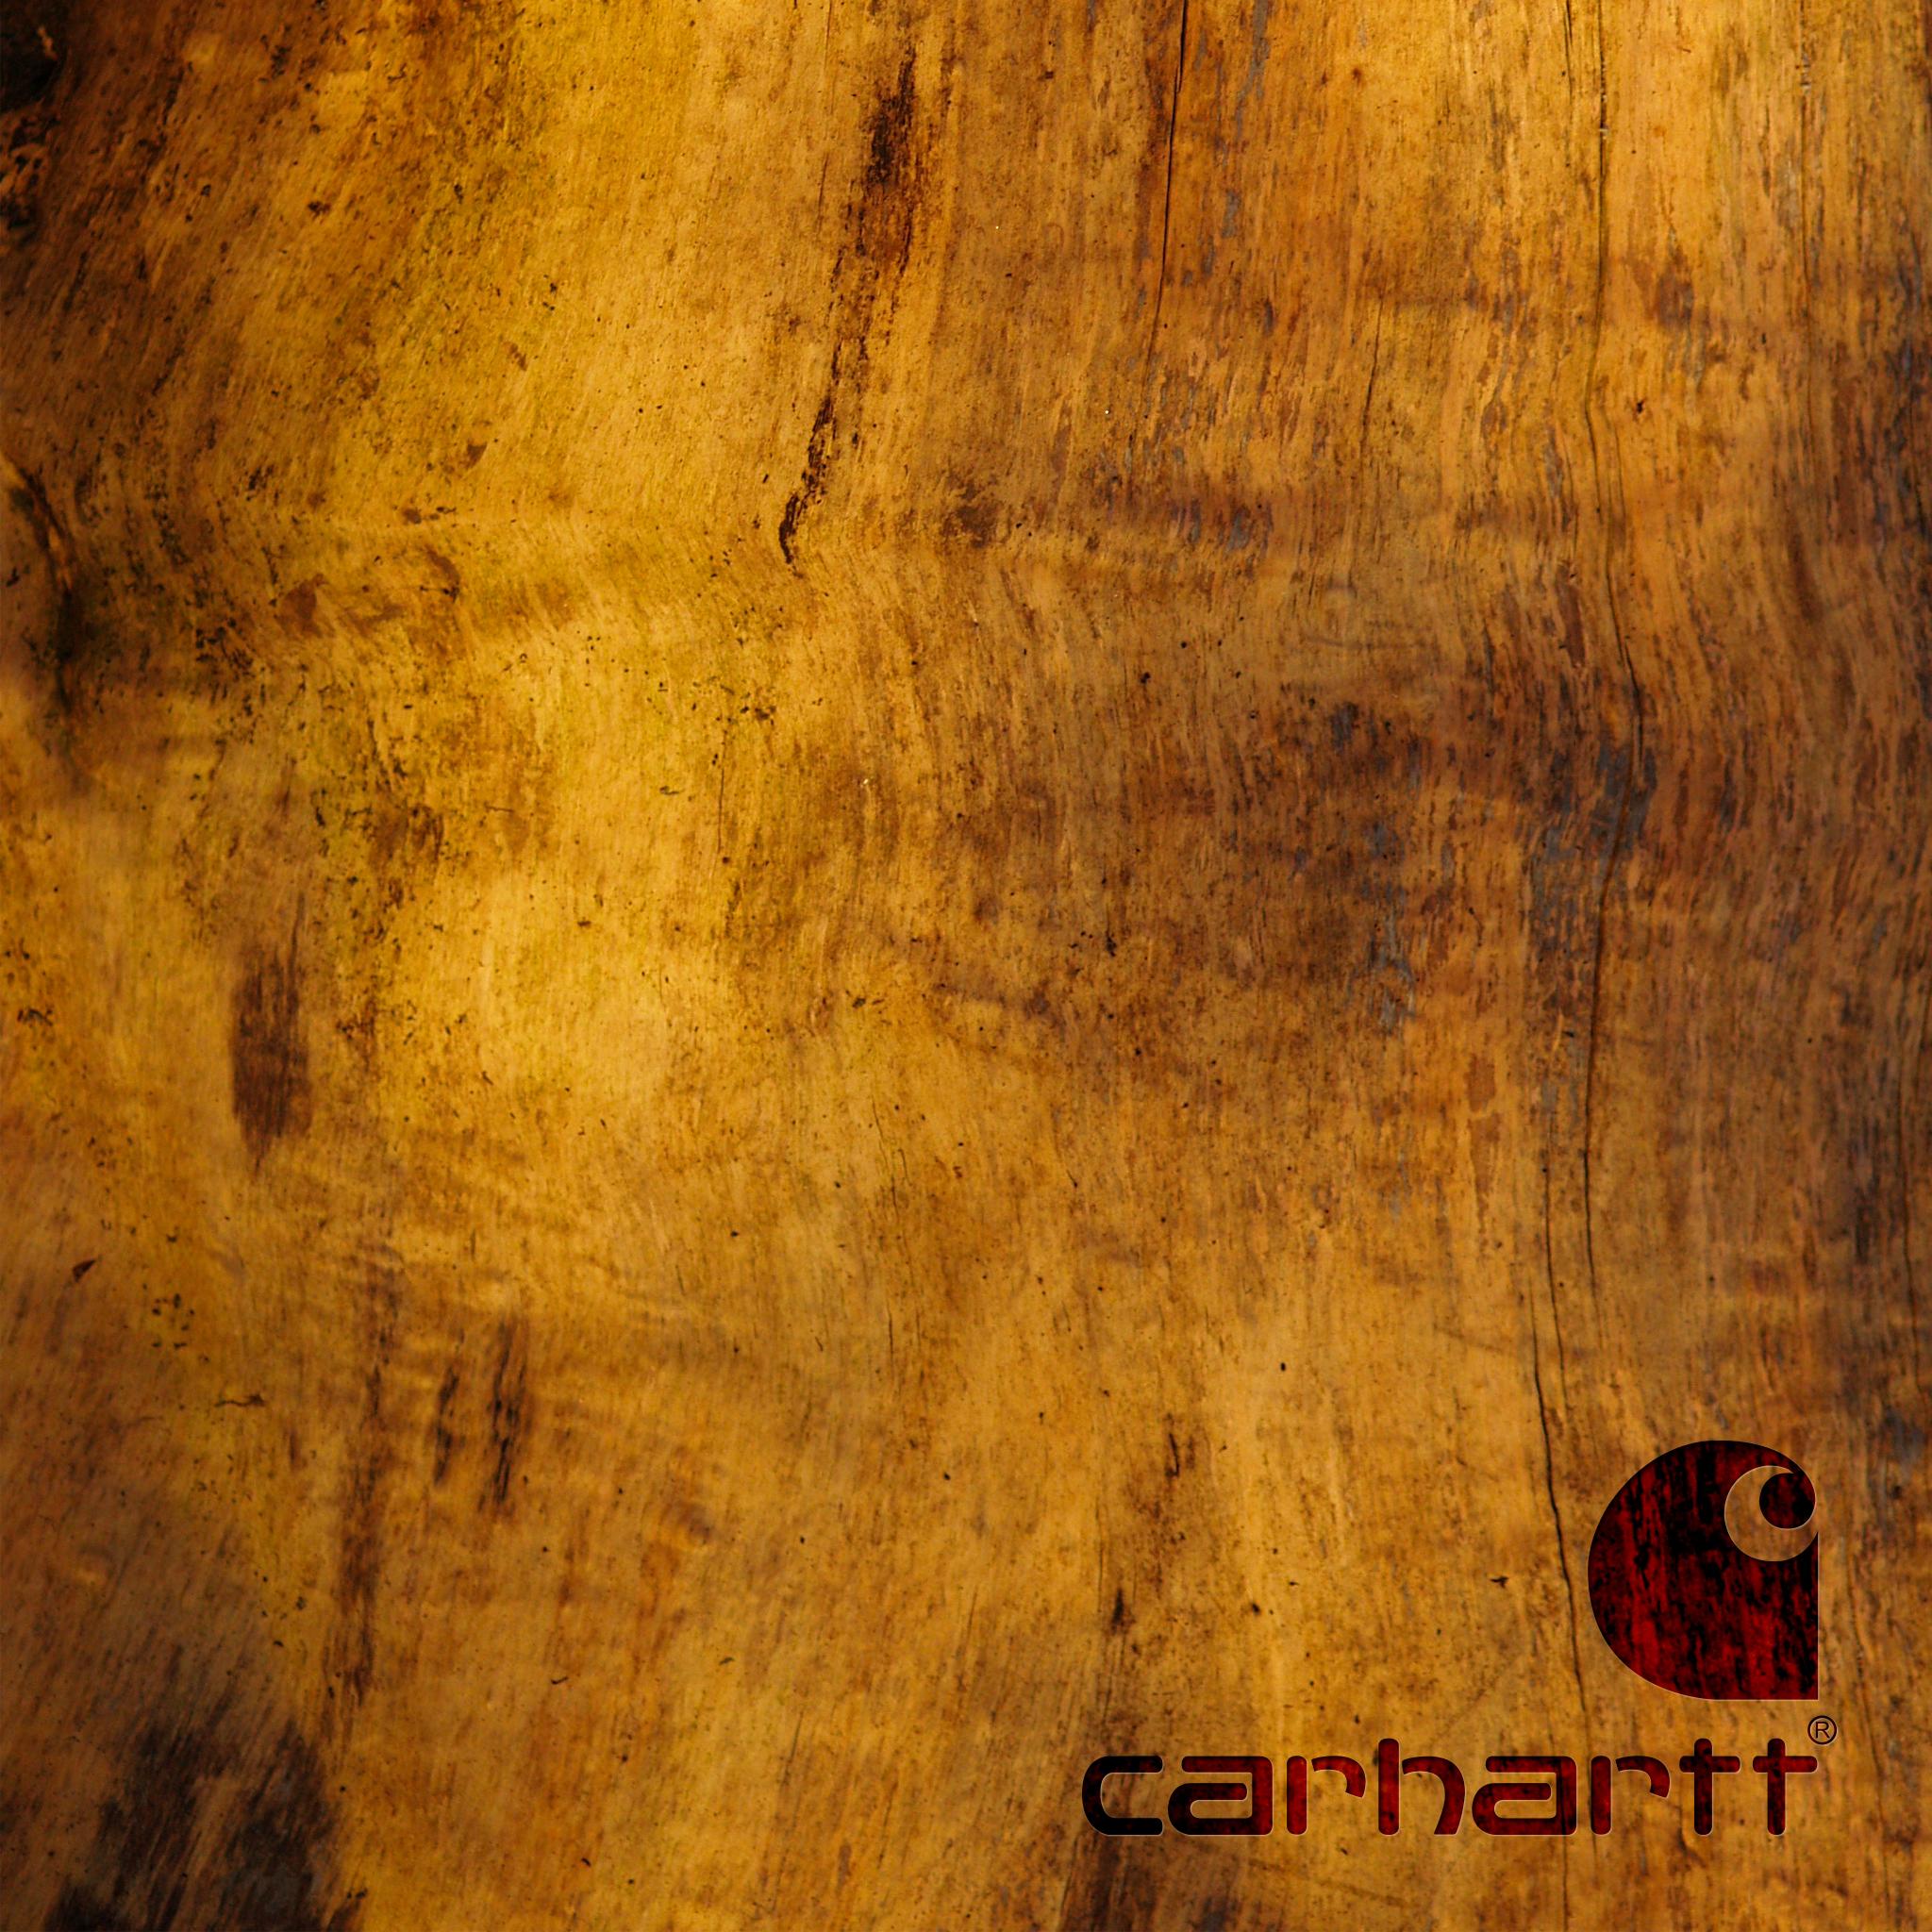 Carhartt-3Wallpapers-iPad